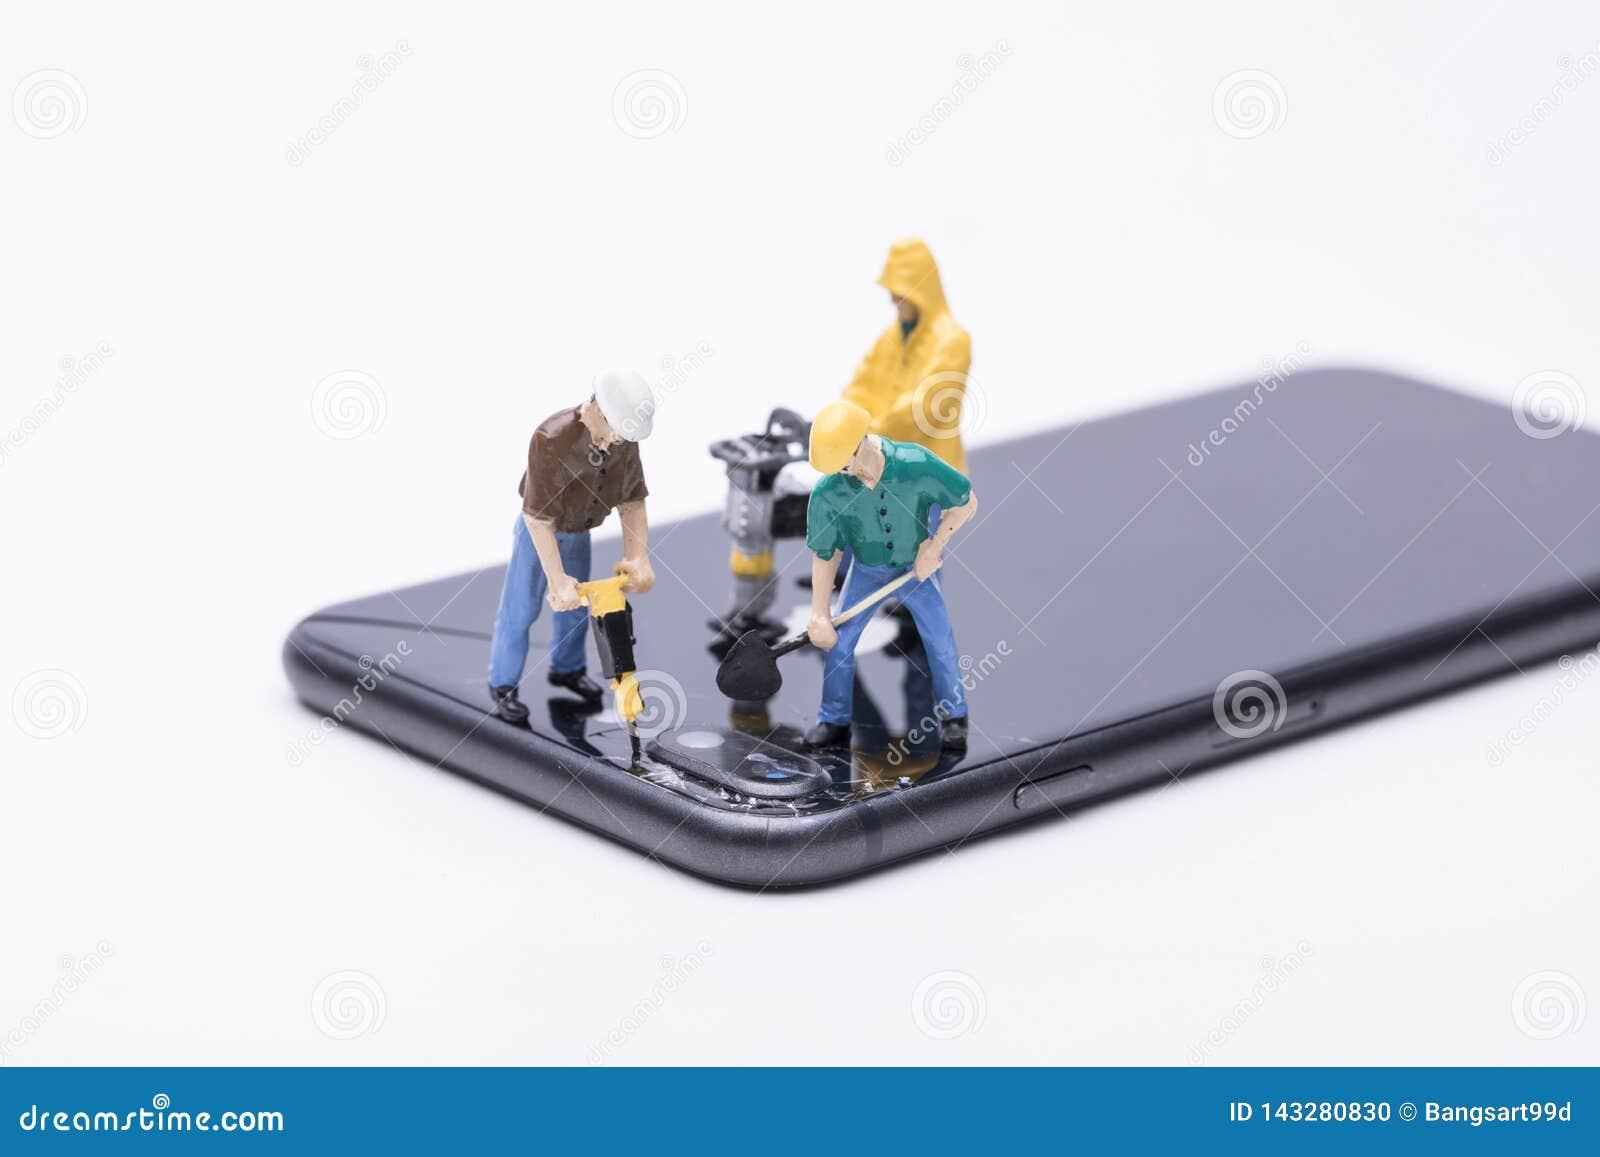 Miniatura del hombre de mantenimiento que repara el teléfono